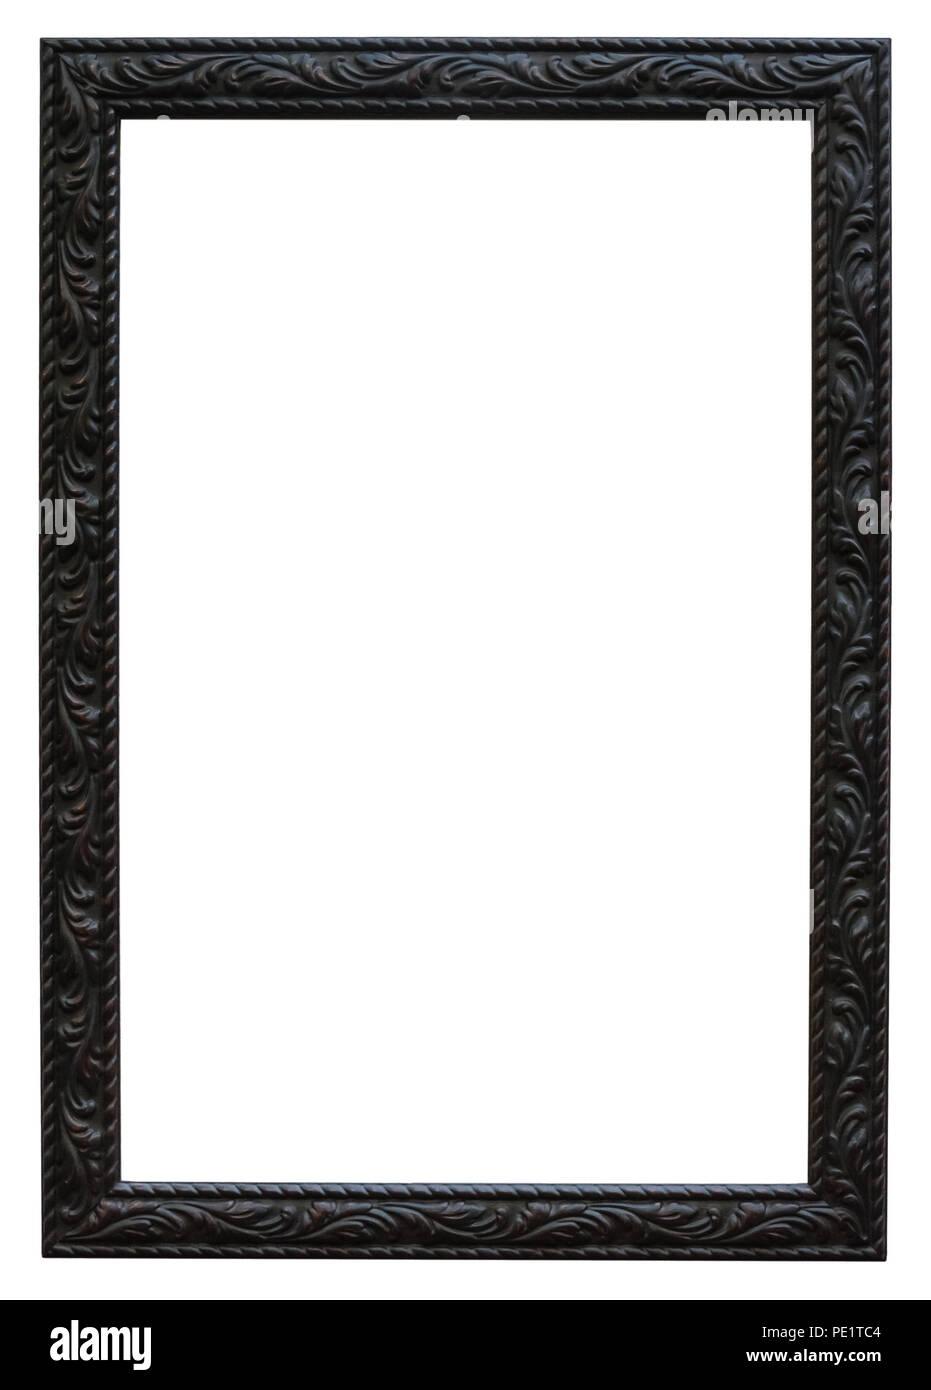 Schwarzer Bilderrahmen mit wunderschönen Pflanzenornamenten für besondere Gutscheine oder als herrliche Umrandung von Bildern Stock Photo